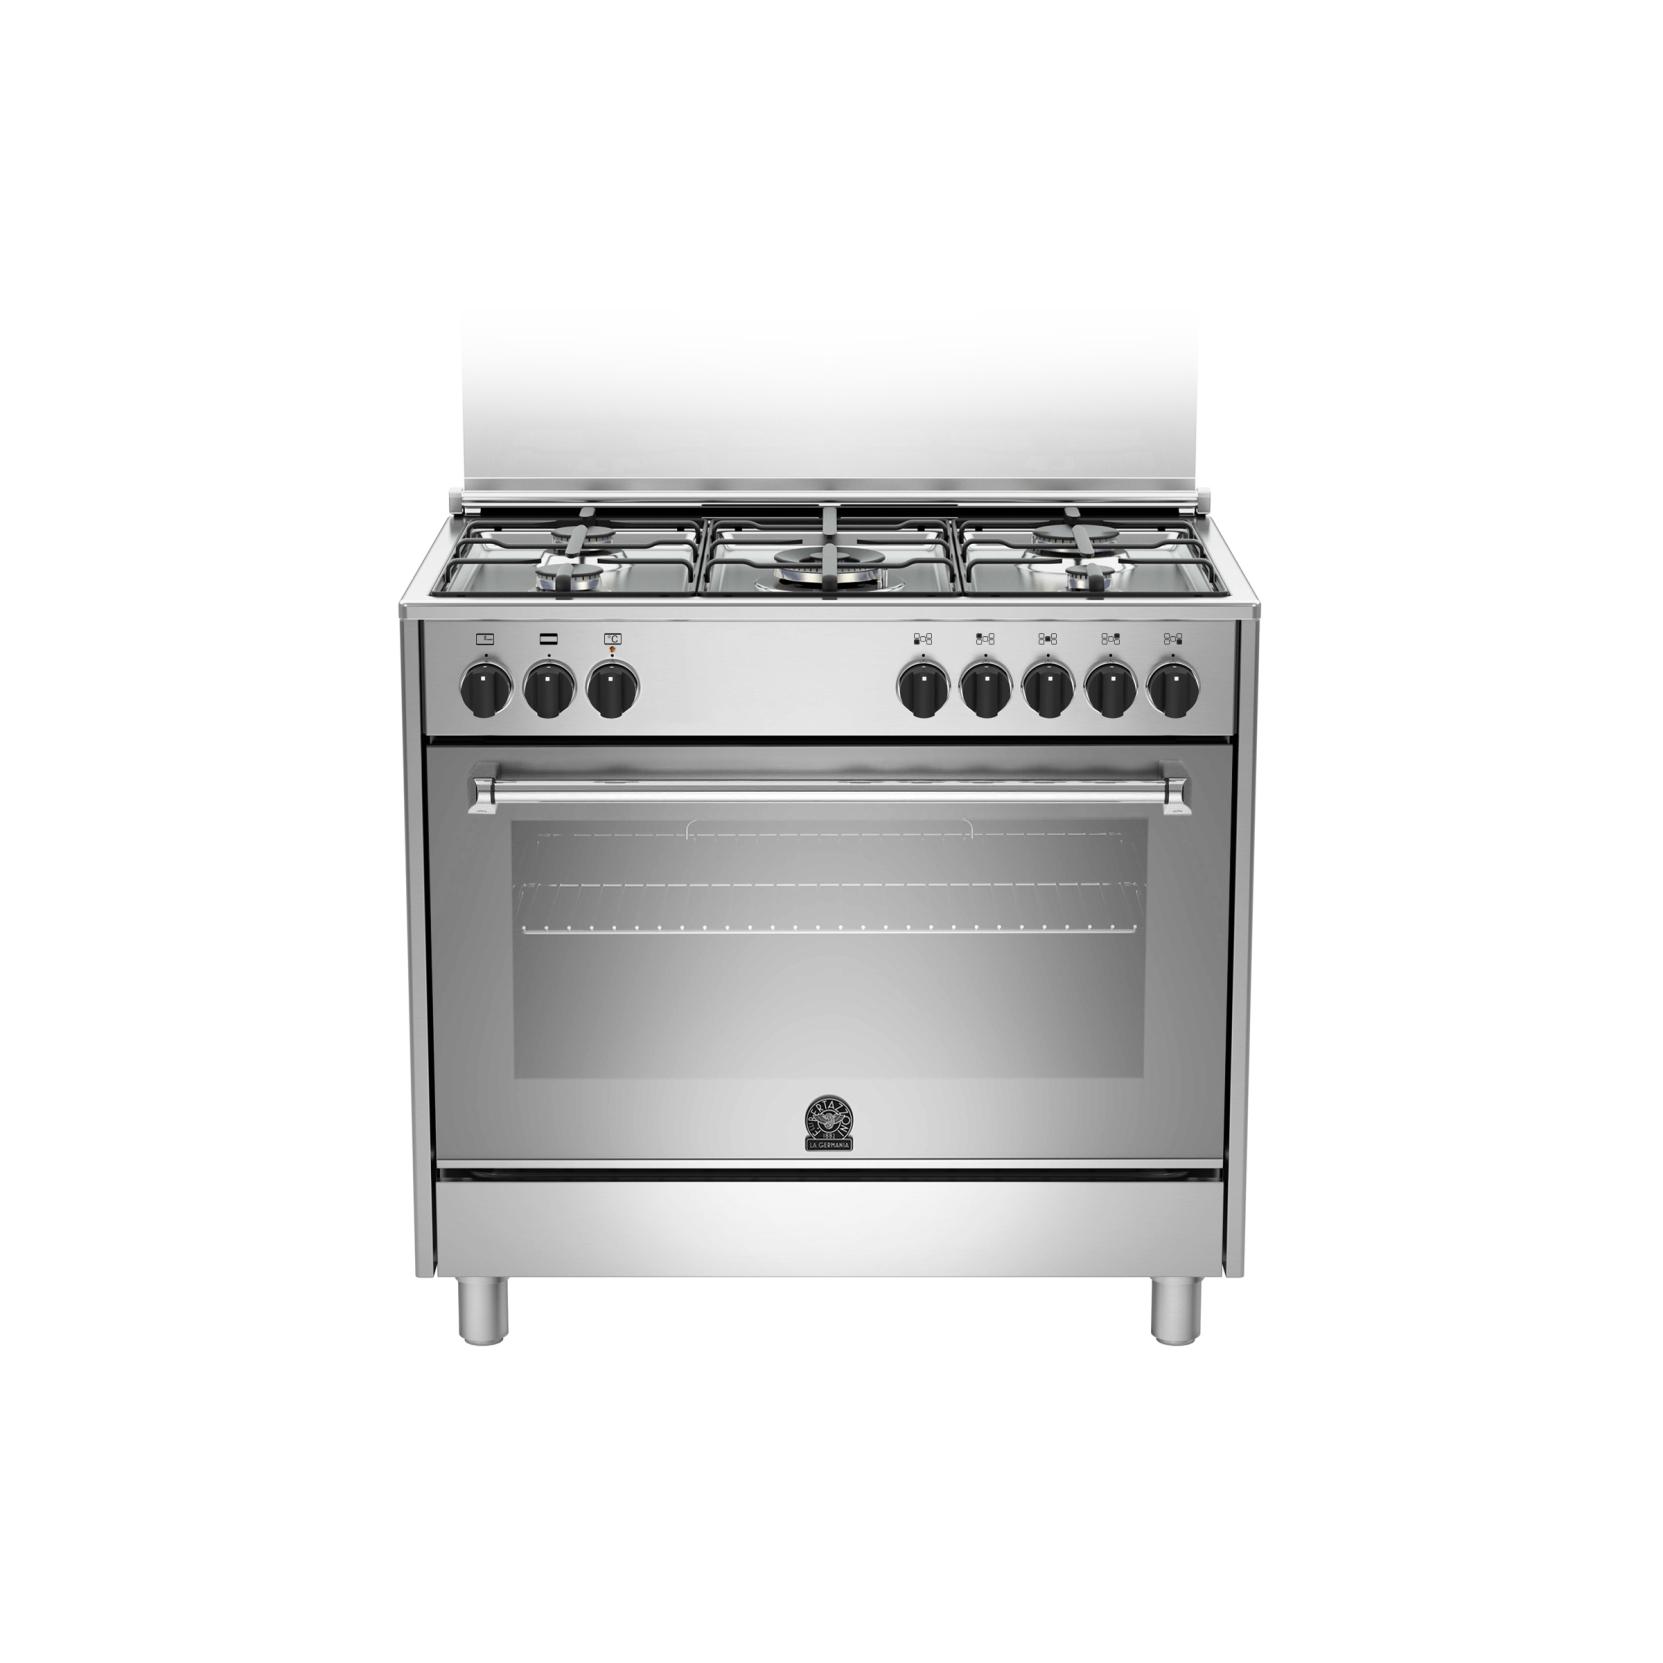 Cucina la germania amn905mfesxe 5 fuochi a gas forno elettrico multifunzione inox 90x60 - Cucina a gas 5 fuochi ...